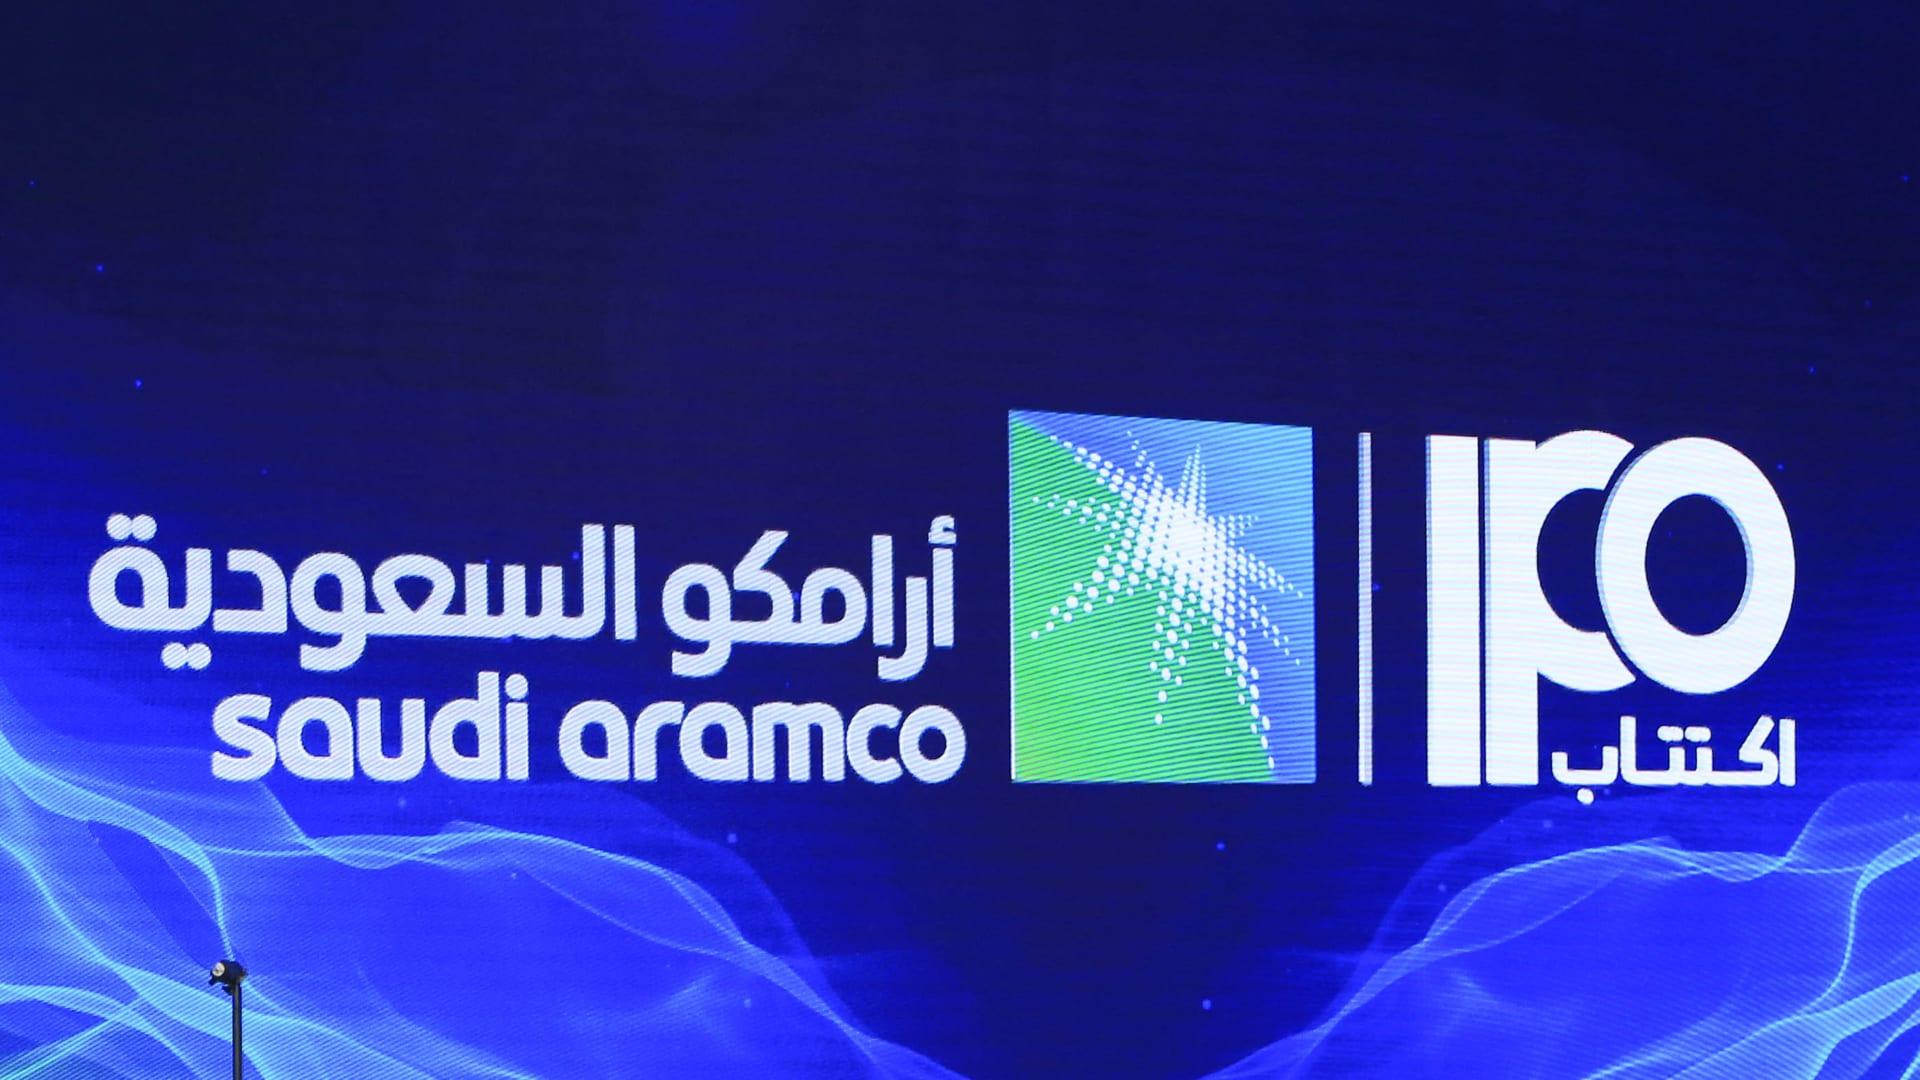 بزنس في أسبوع: بيتكوين عملة قانونية لأول مرة.. وأرامكو السعودية تصدر صكوكاً بالدولار